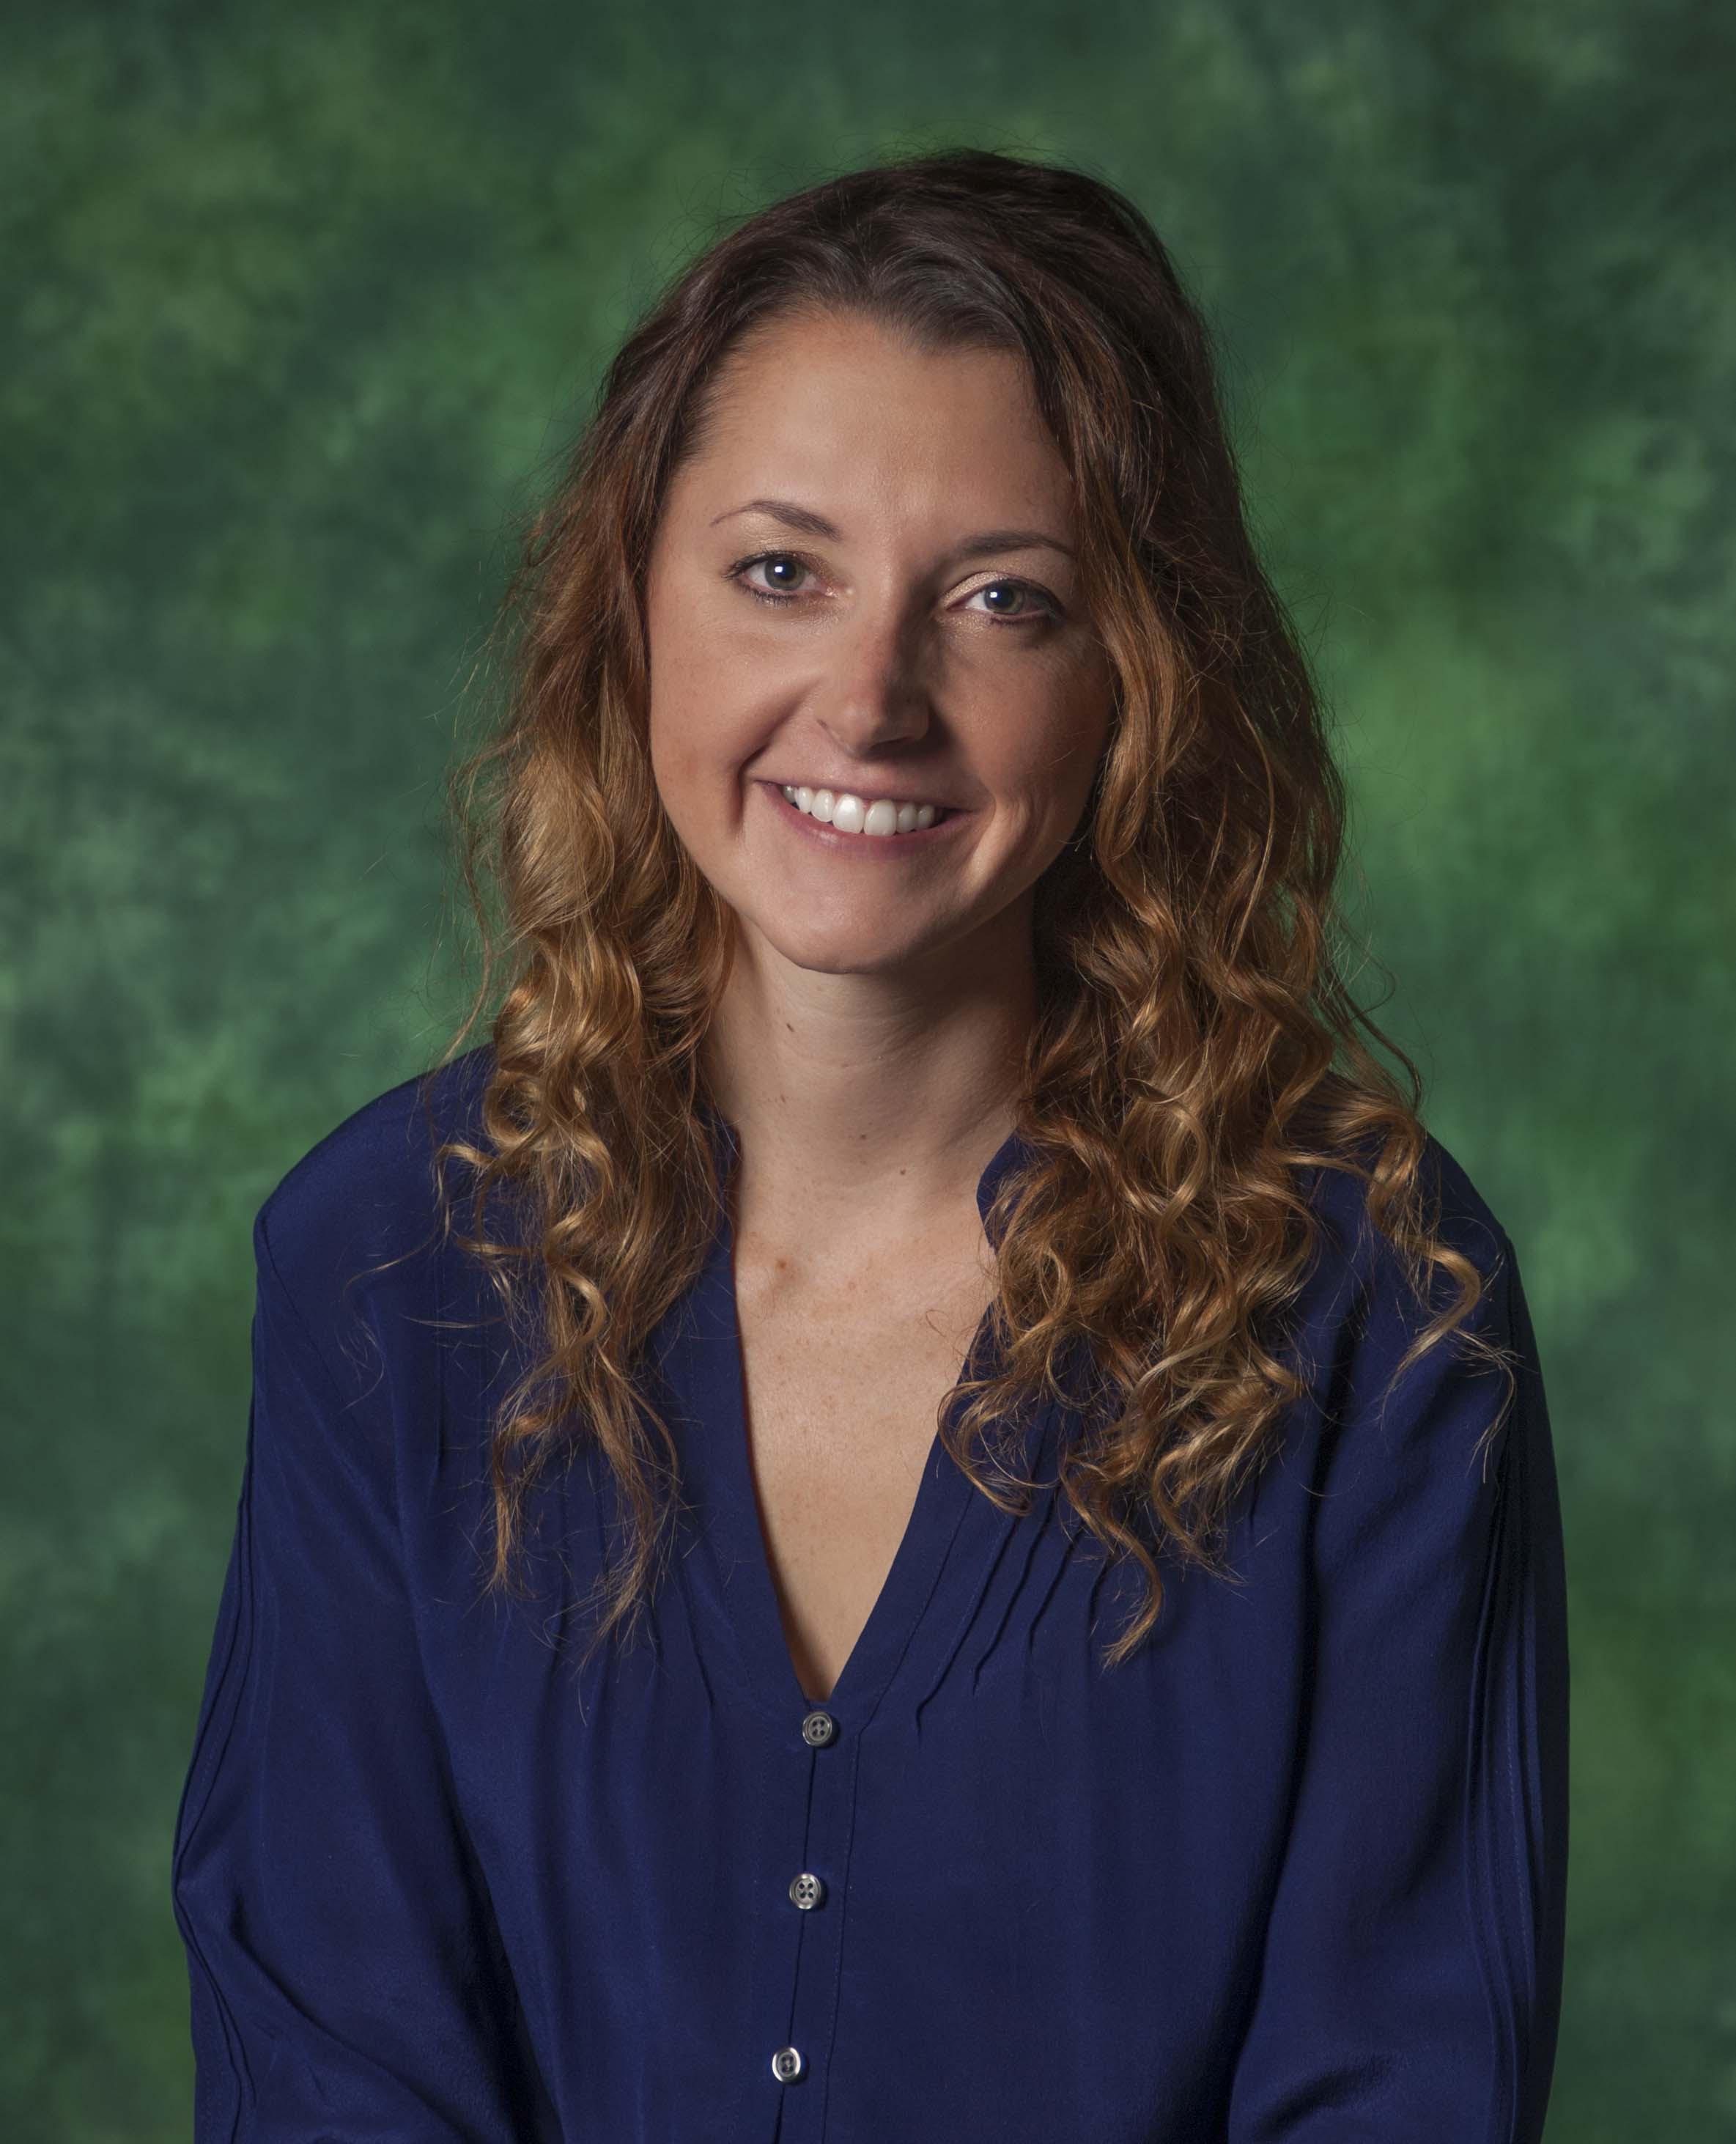 Ashley Olsberg